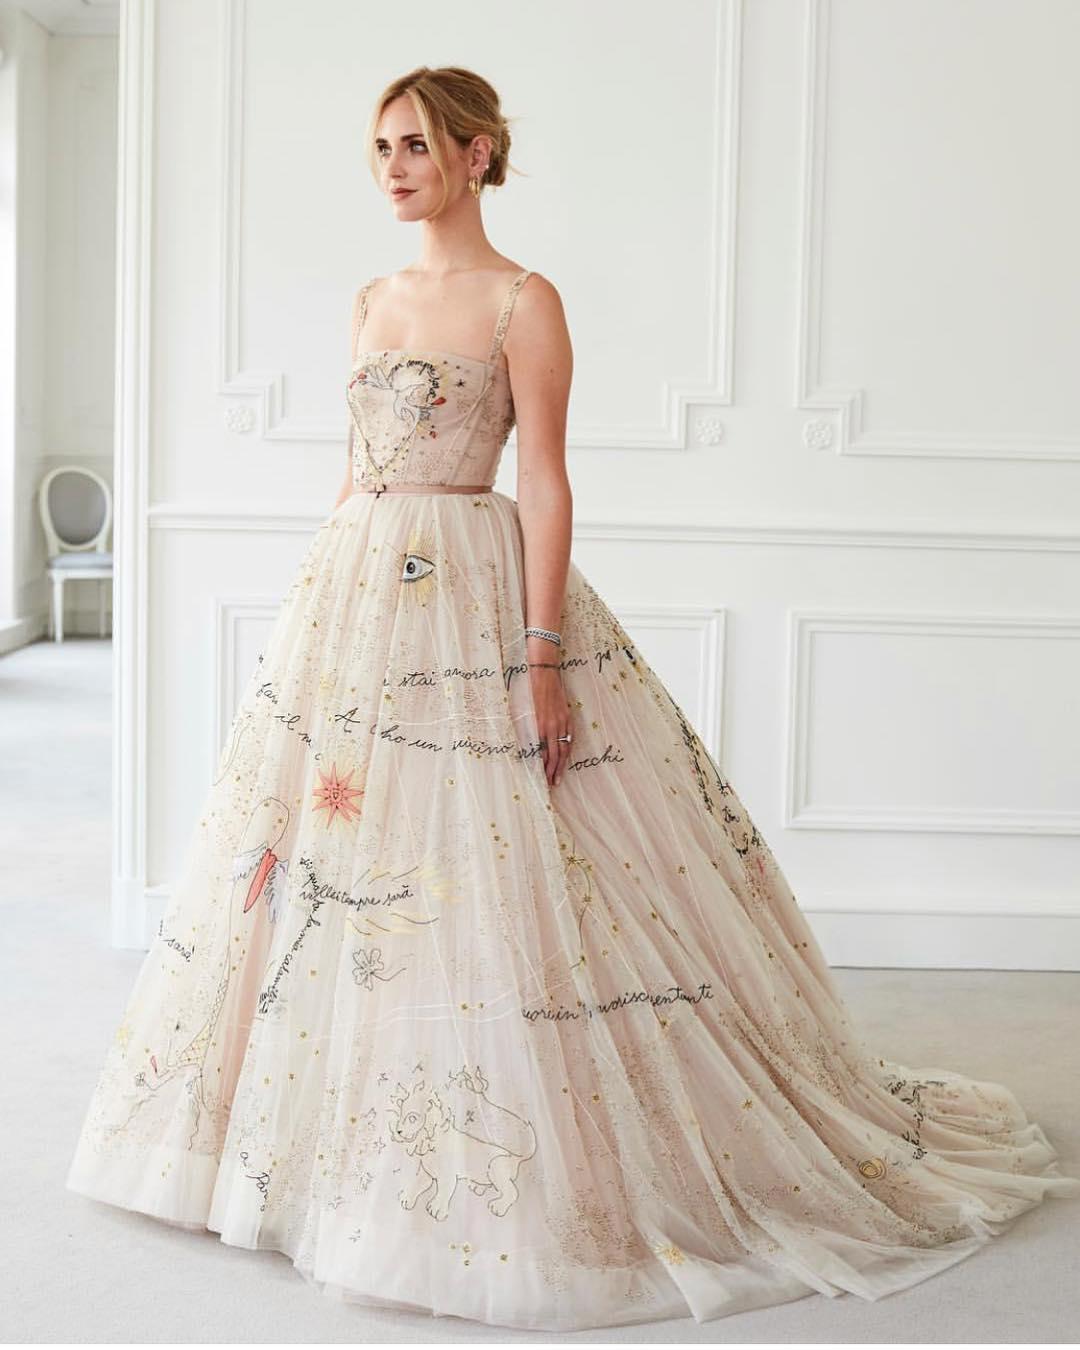 Chiara Ferragni Dior